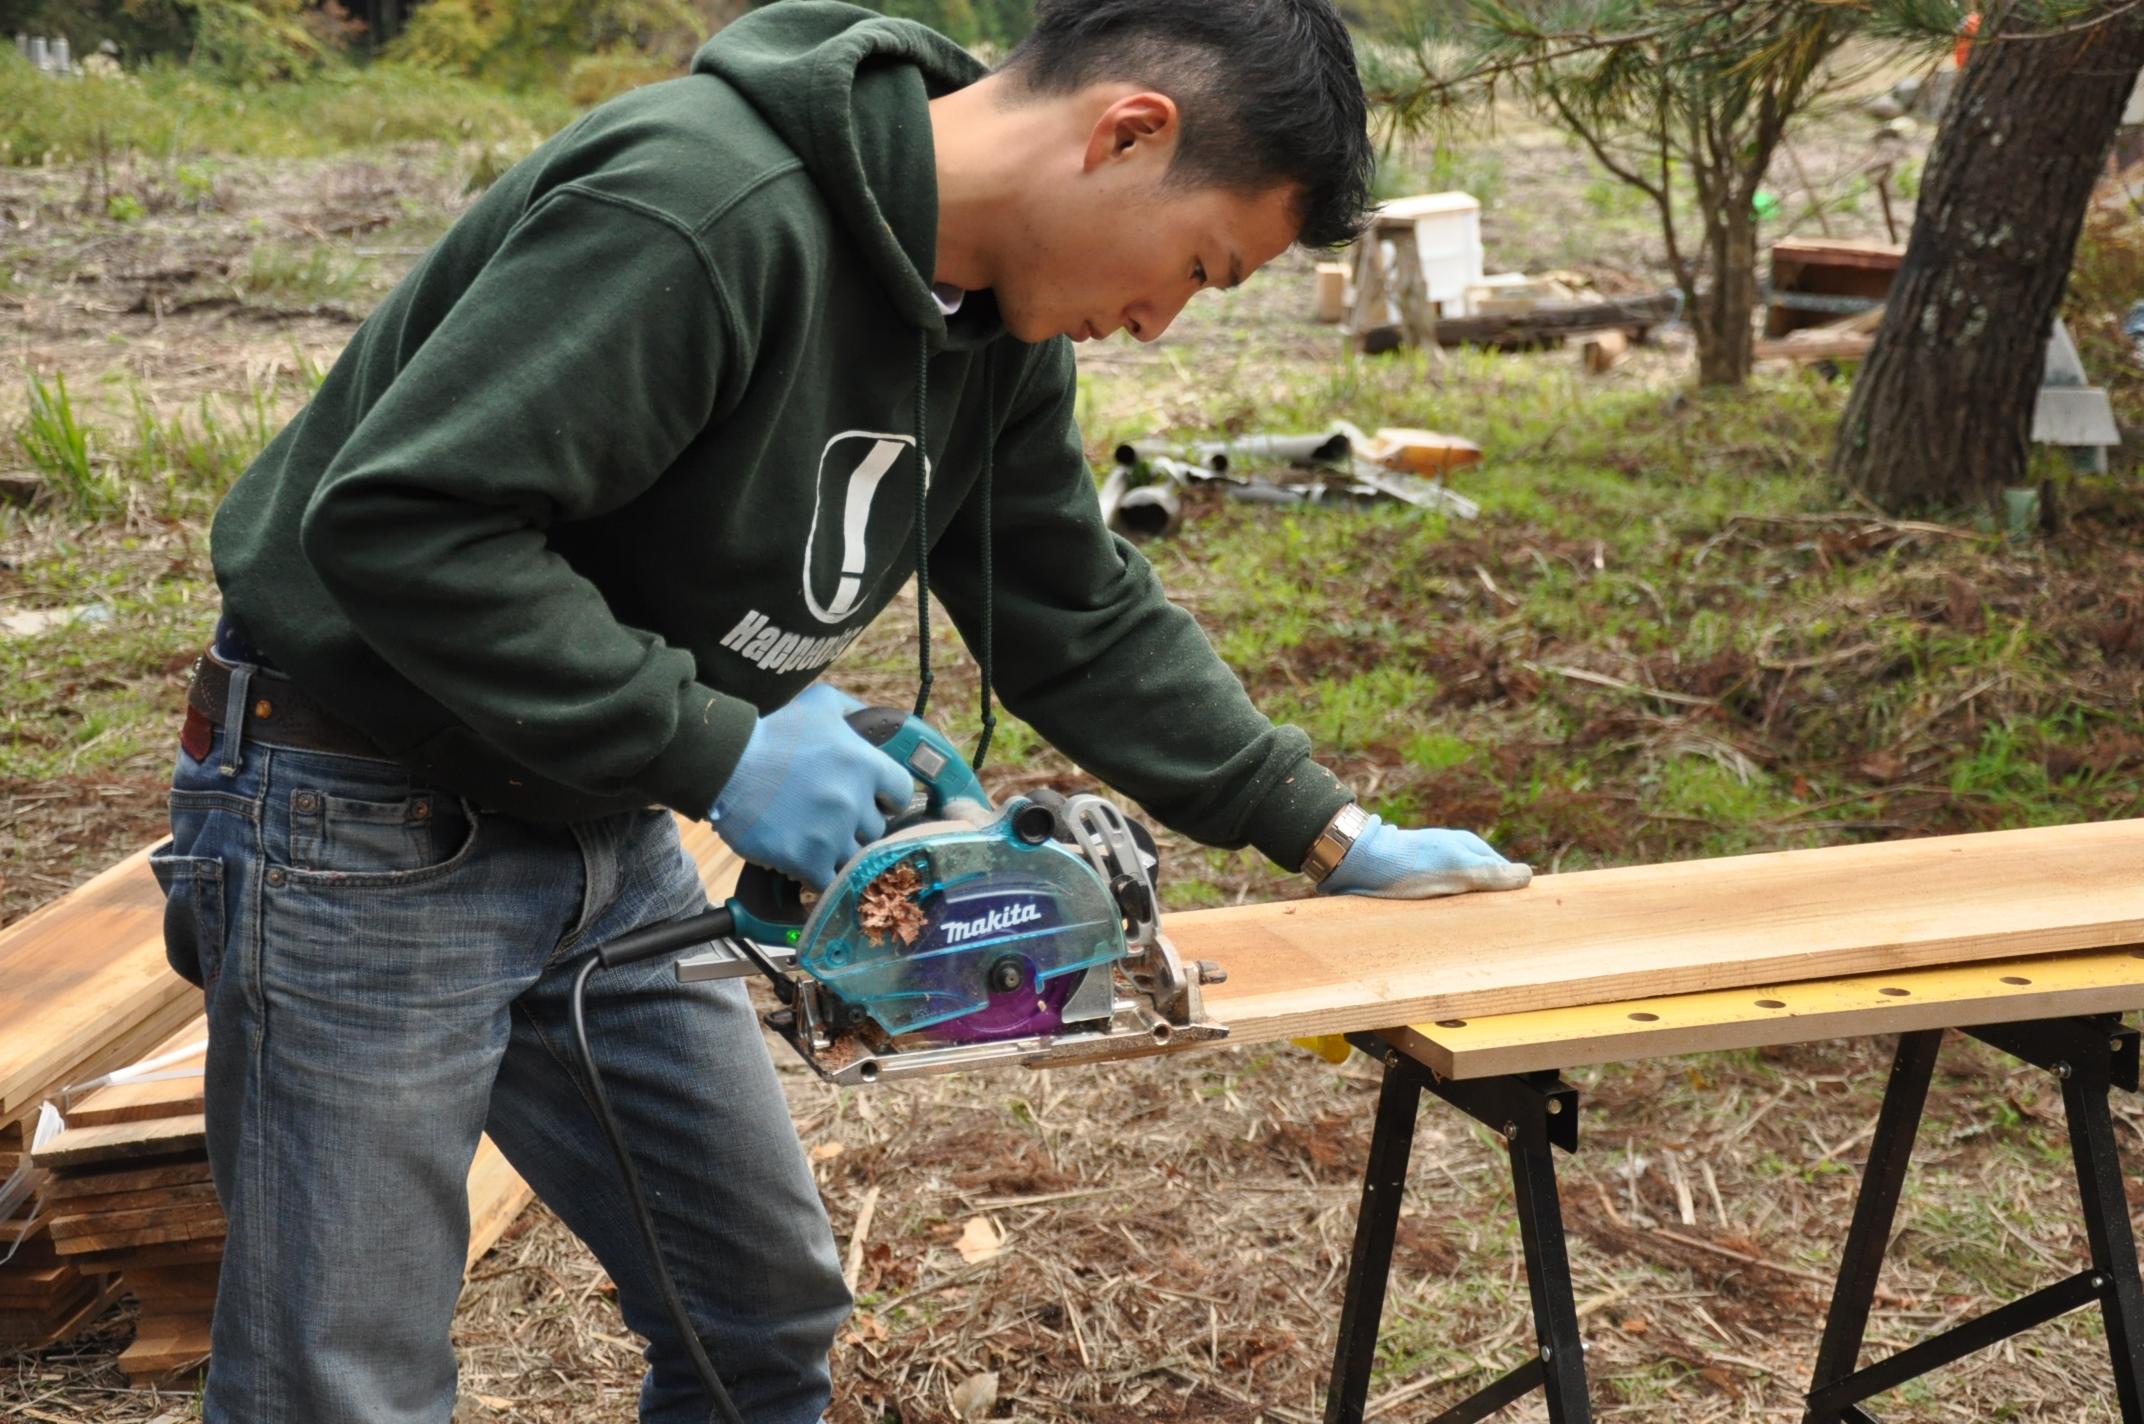 築200年の古民家、焼杉板を焼く!!|古民家再生DIY|溝きりカッター